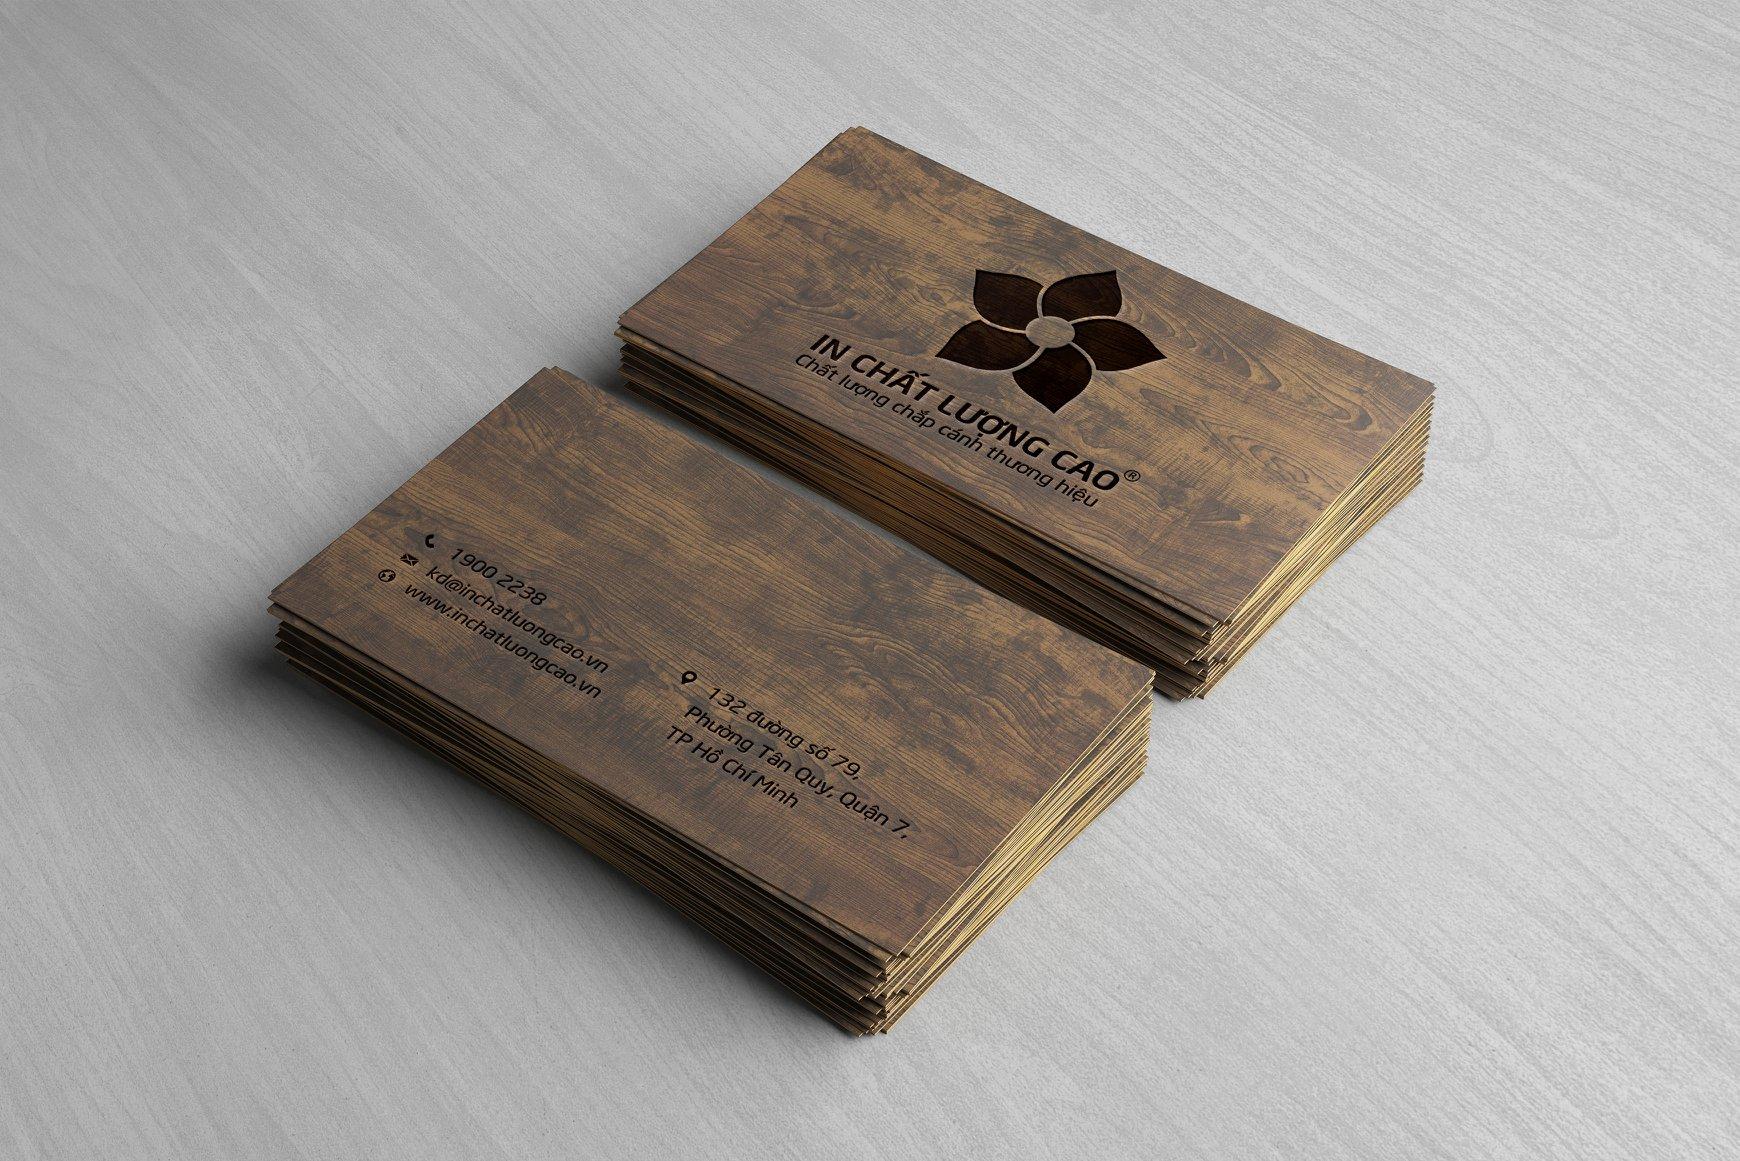 Danh thiếp giấy mỹ thuật vân gỗ ấn tượng.